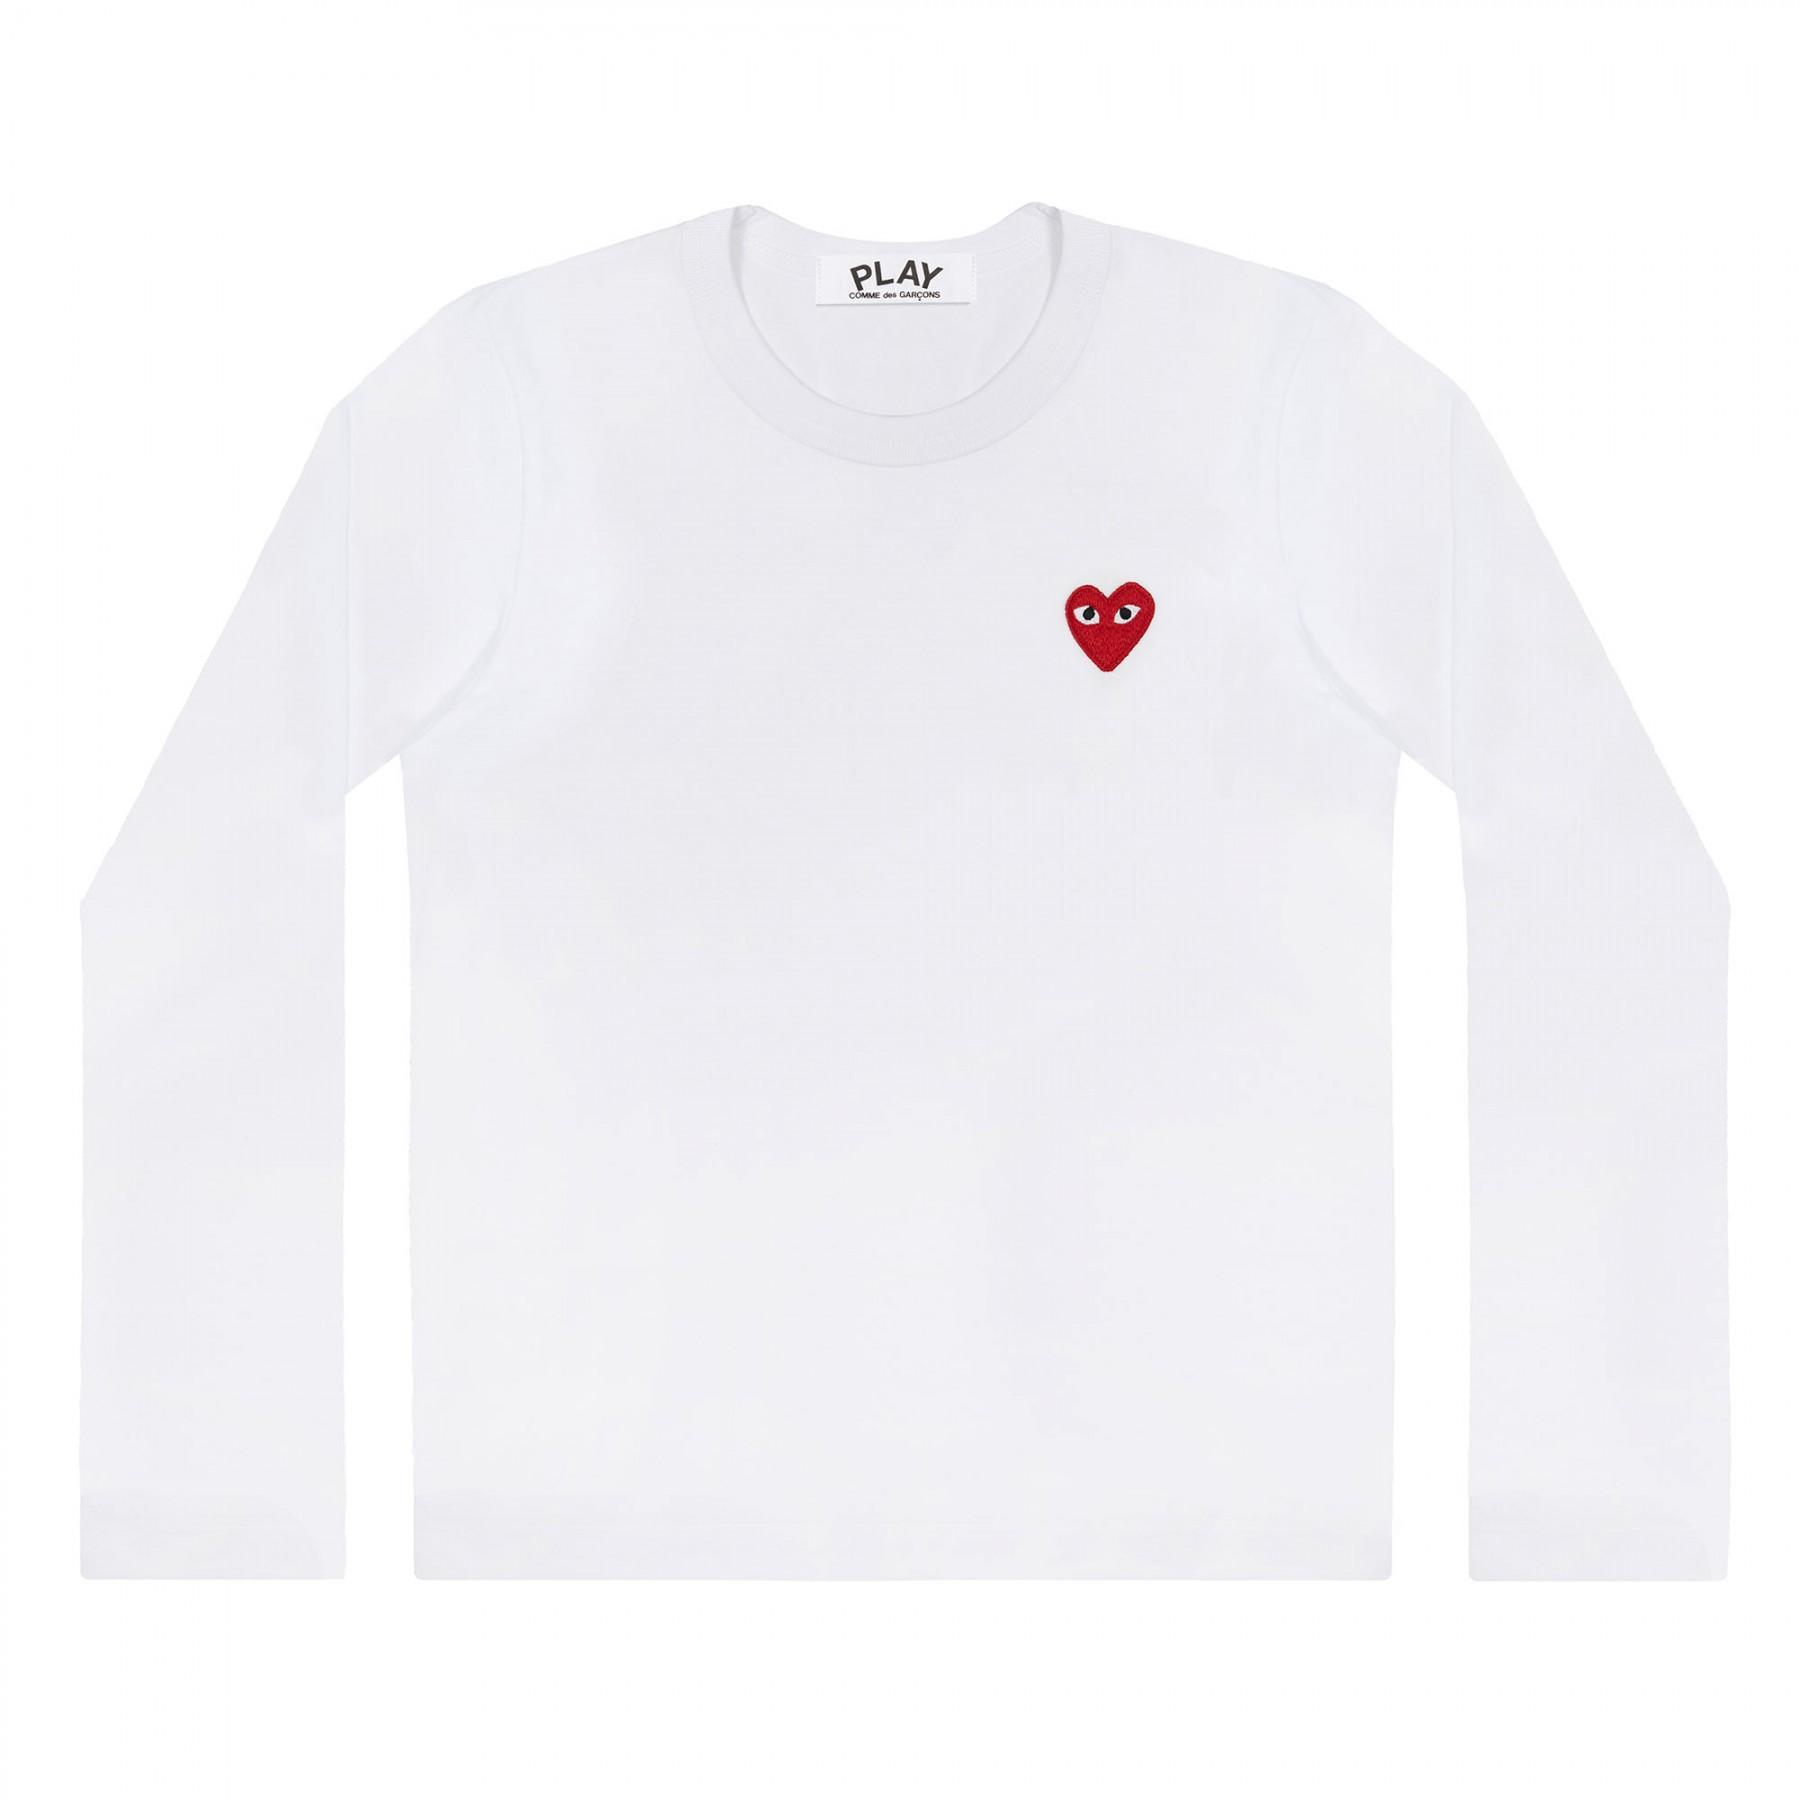 꼼데가르송 PLAY 화이트 티셔츠 원포인트 레드하트 (남성)